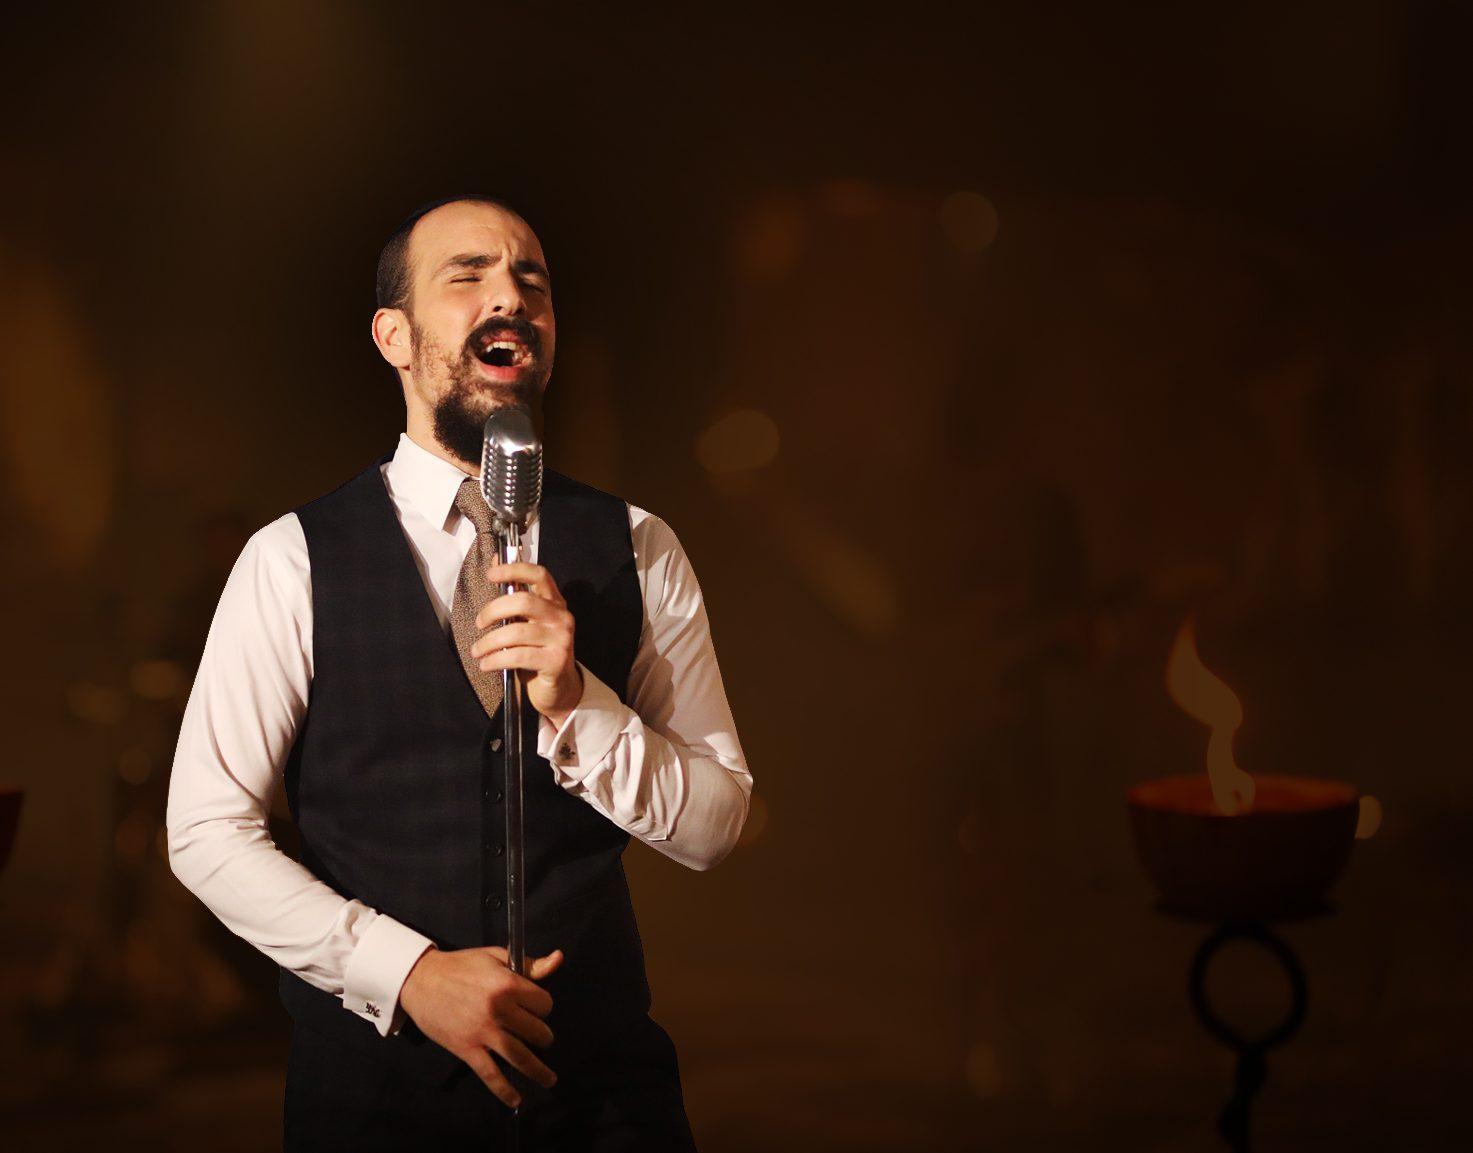 כוכב הזמר החסידי נמואל פותח את הקיץ עם להיט חדש – והיה ה'